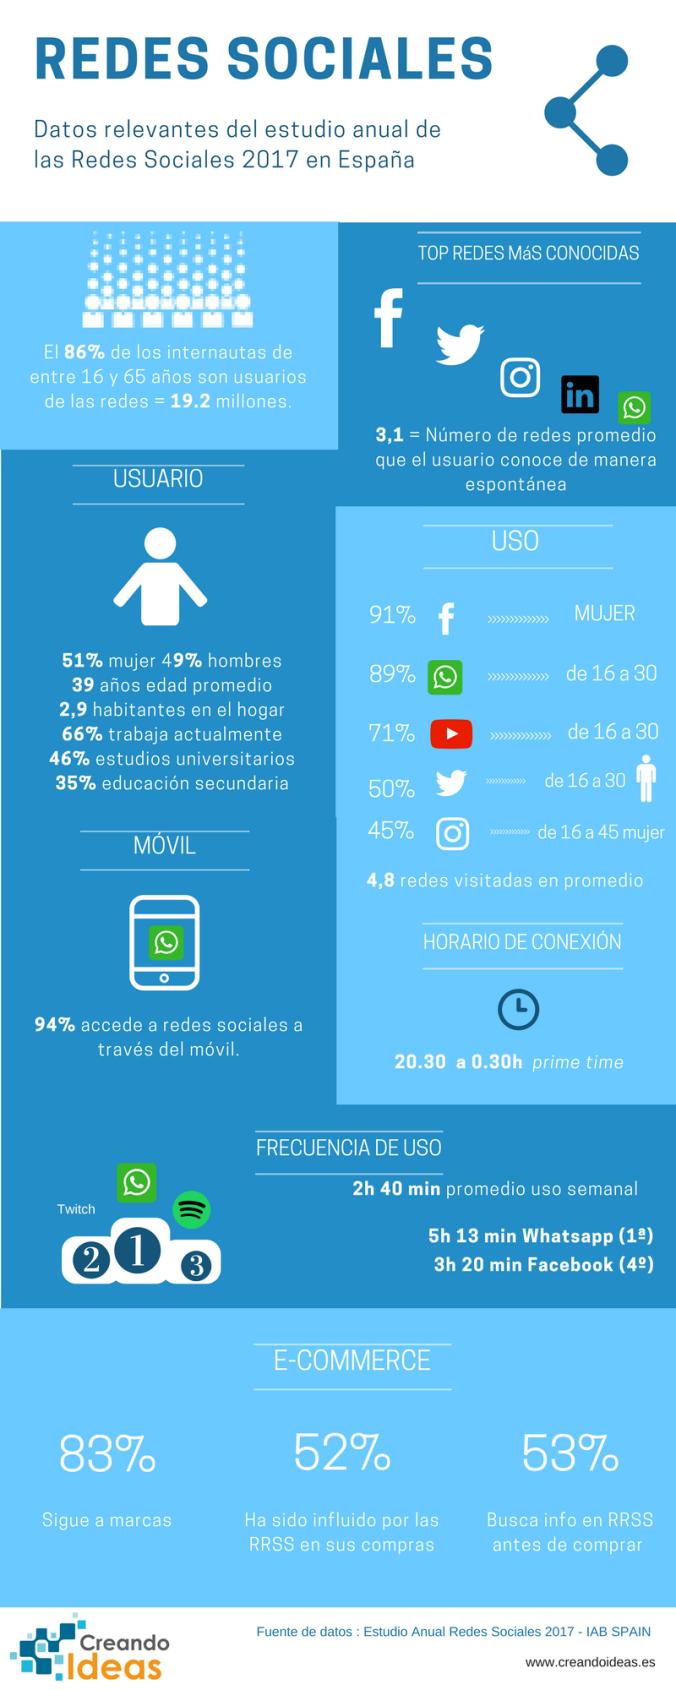 Datos sobre redes sociales en España